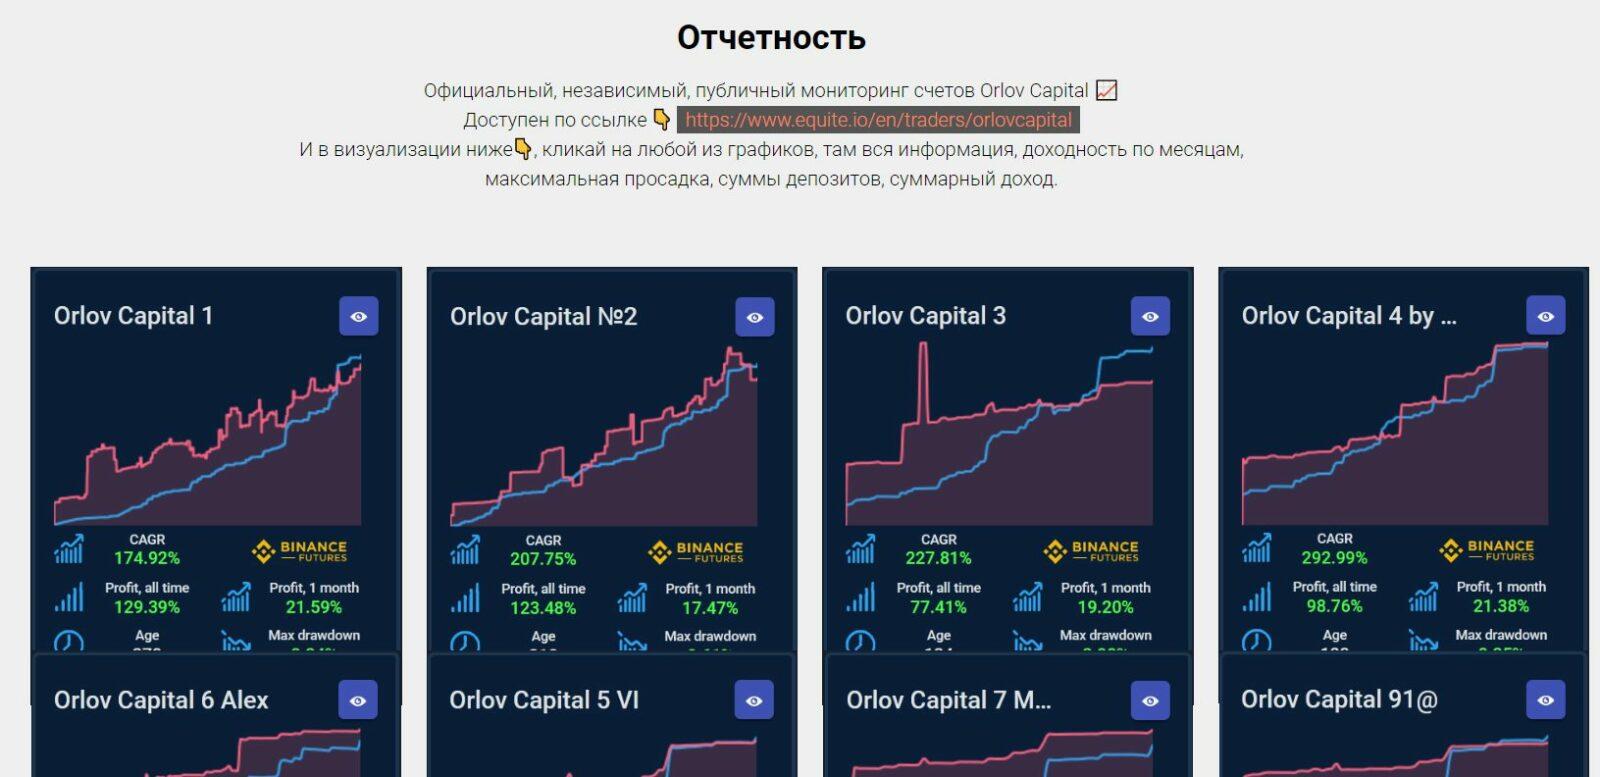 Отчетность Дмитрия Орлова